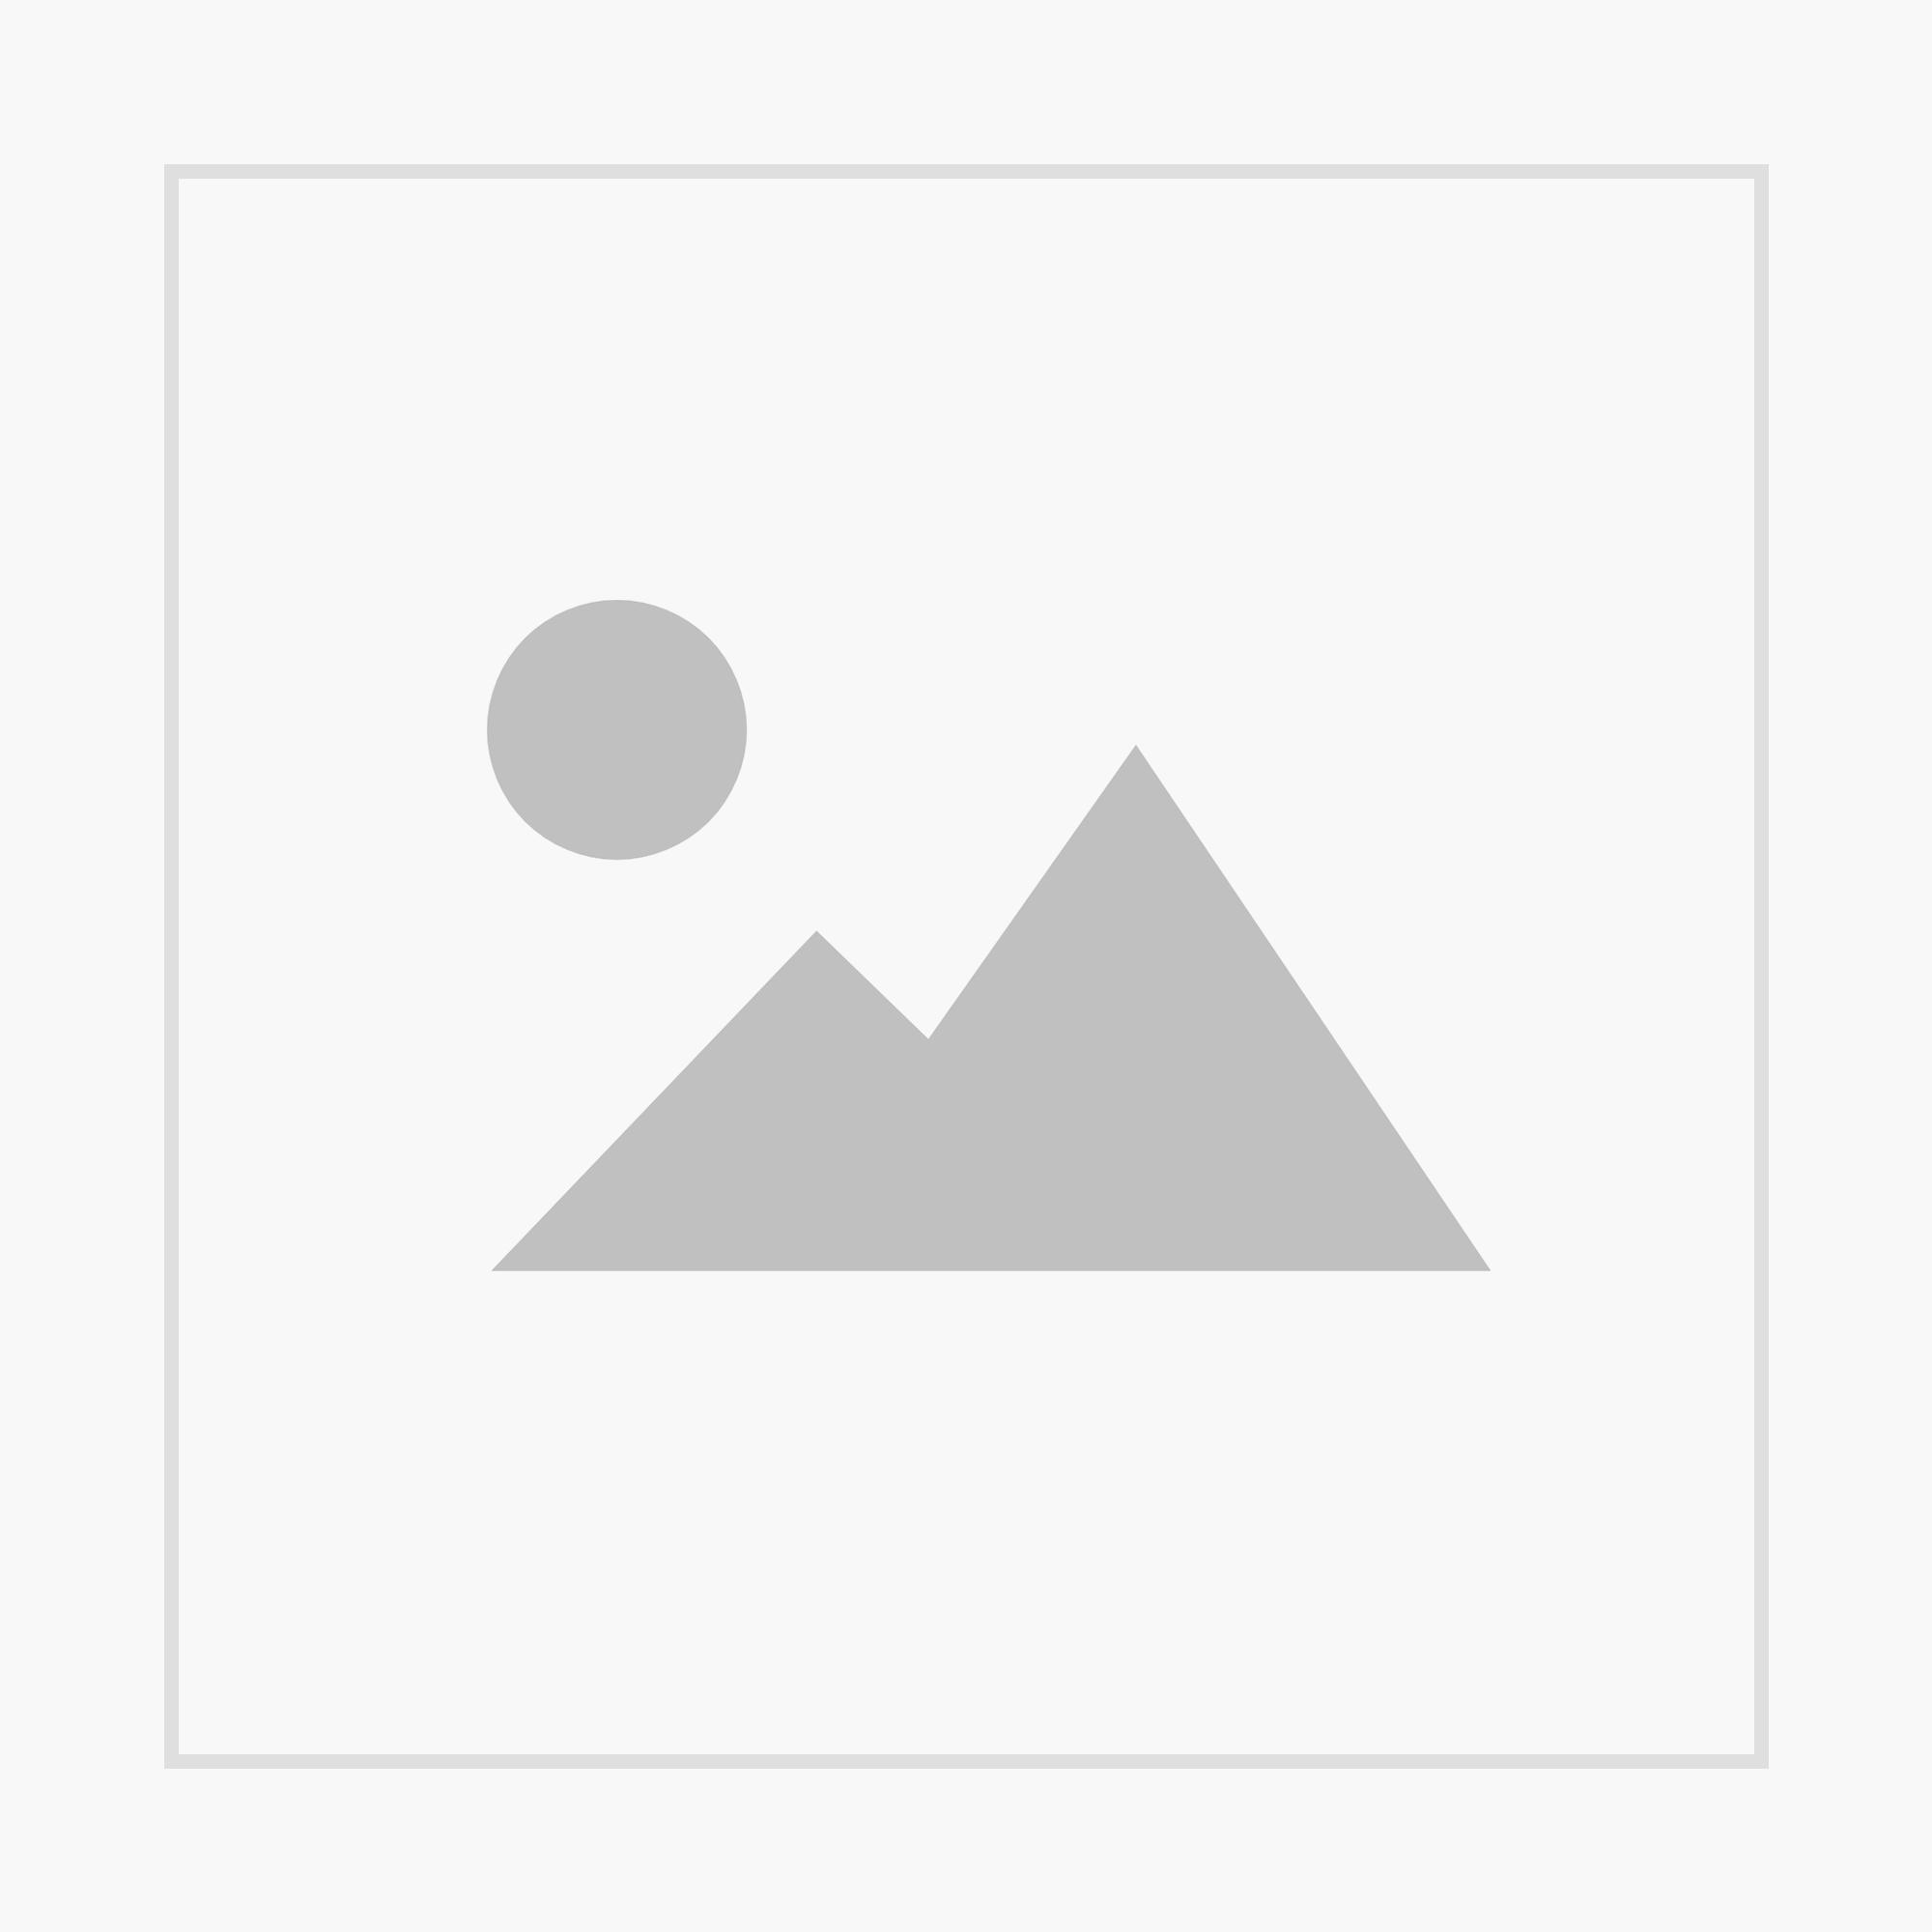 hygge 4 (1/2018)